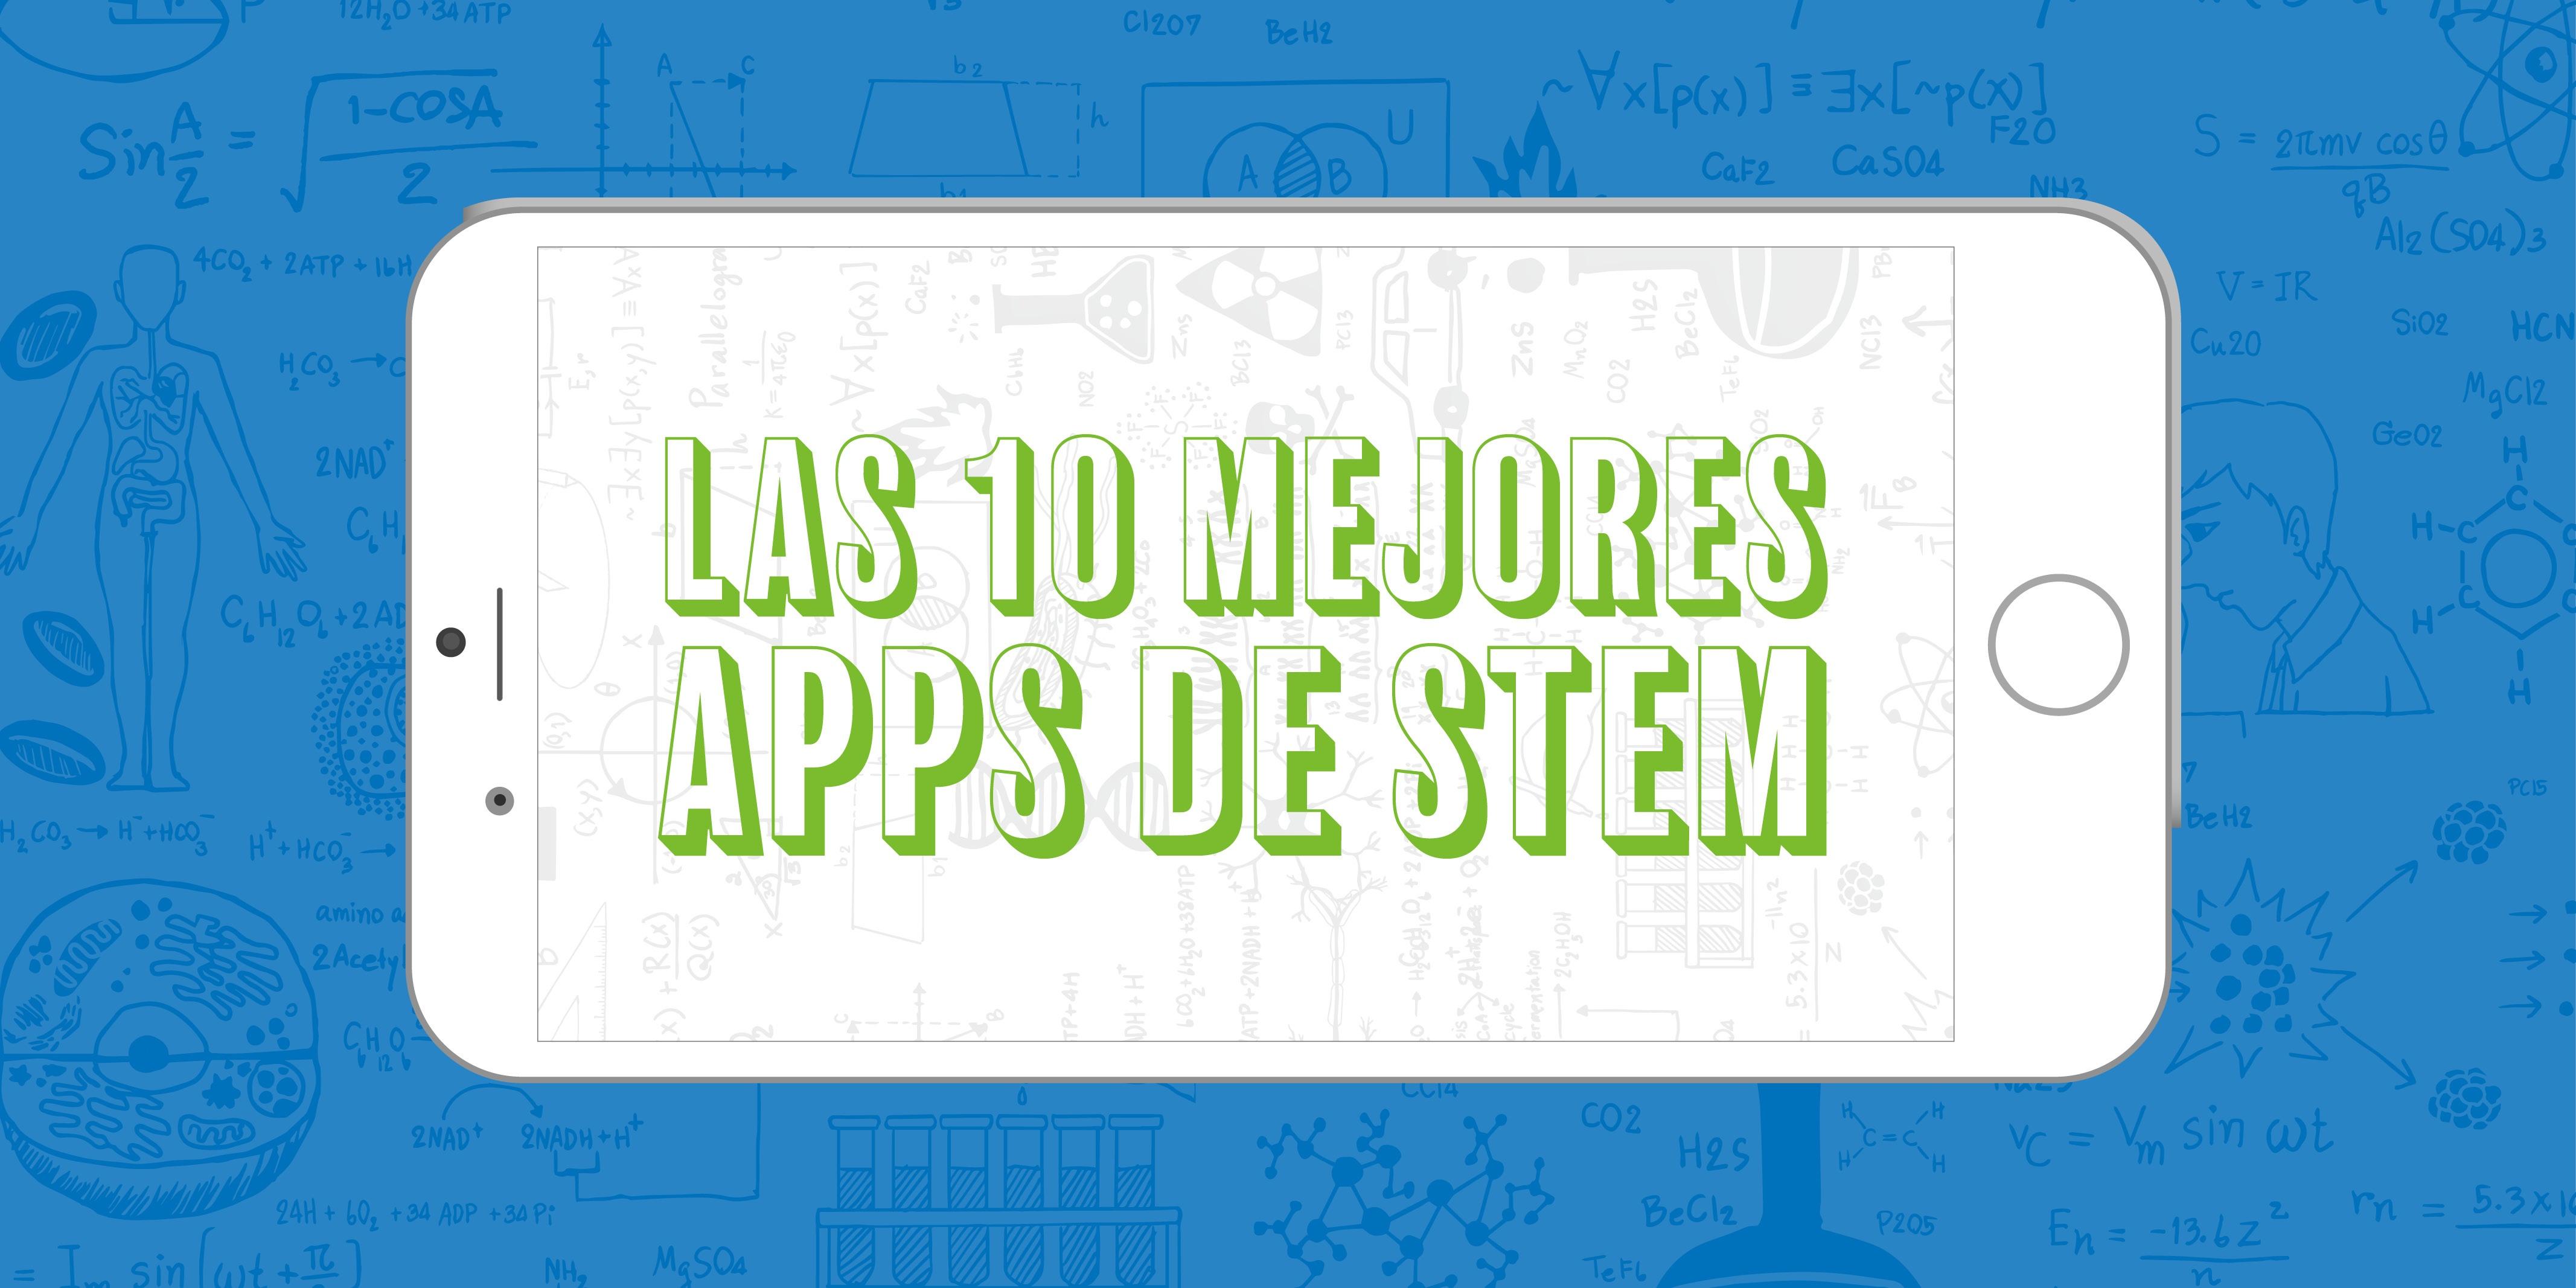 Las 10 Mejores Aplicaciones de STEM